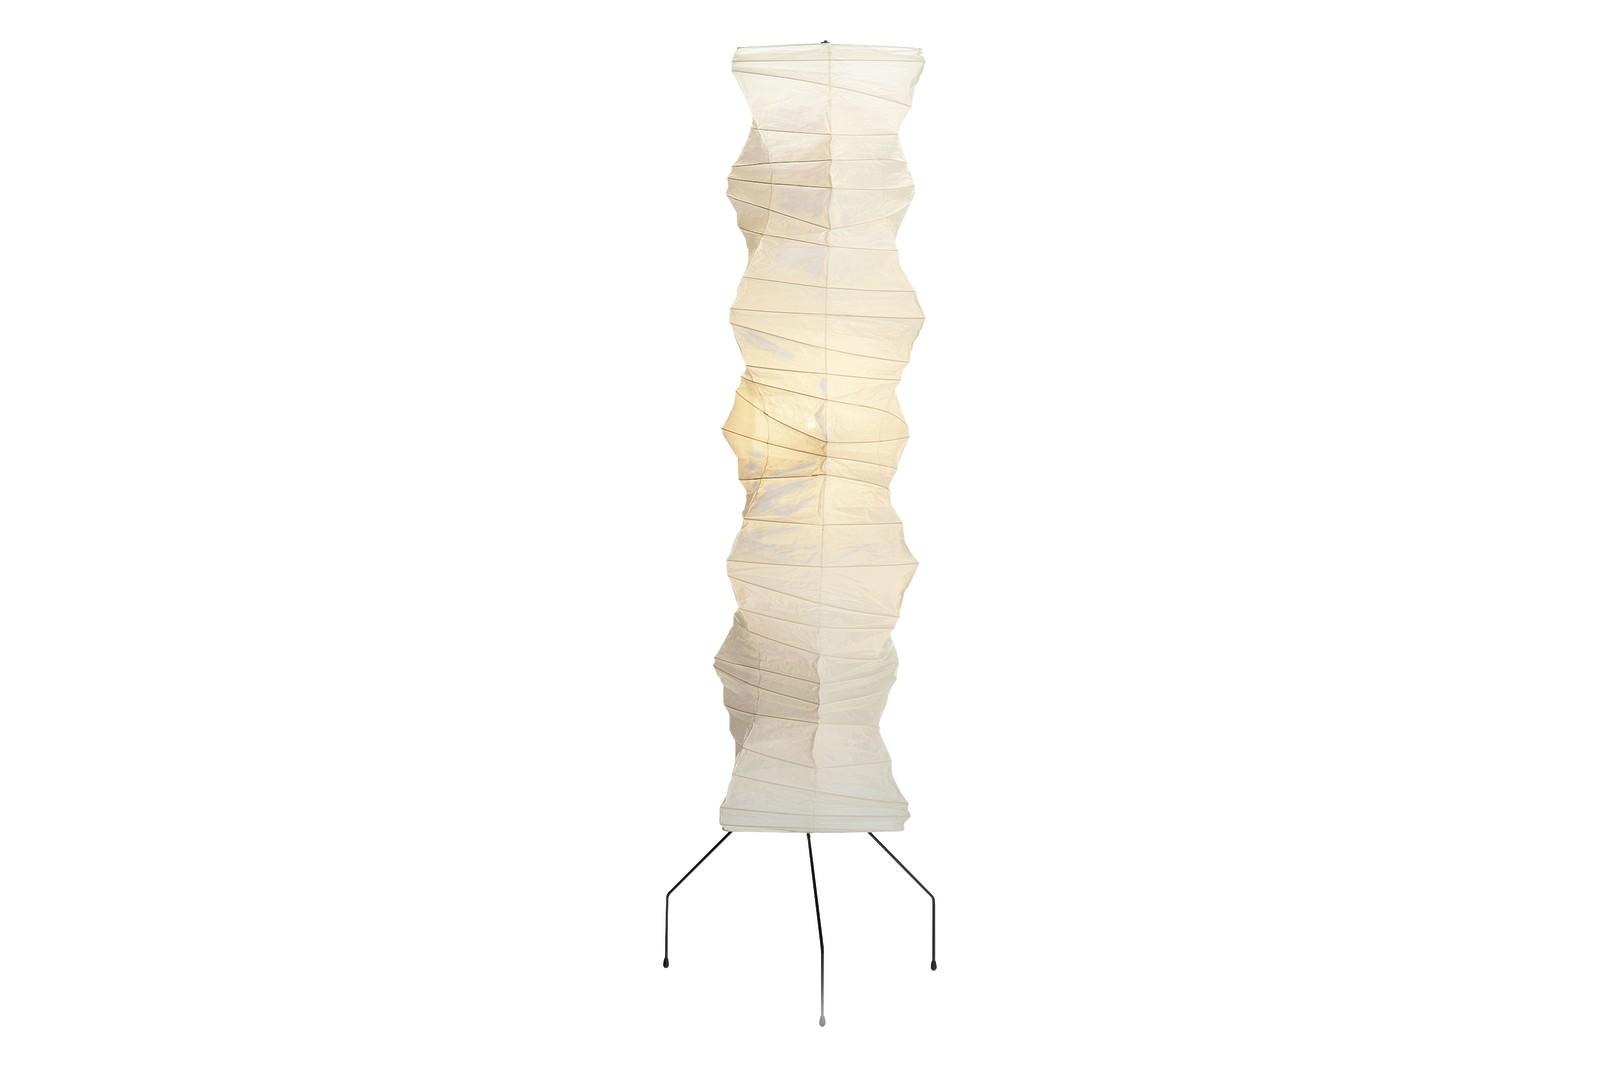 Akari UF4-33N Light Sculpture